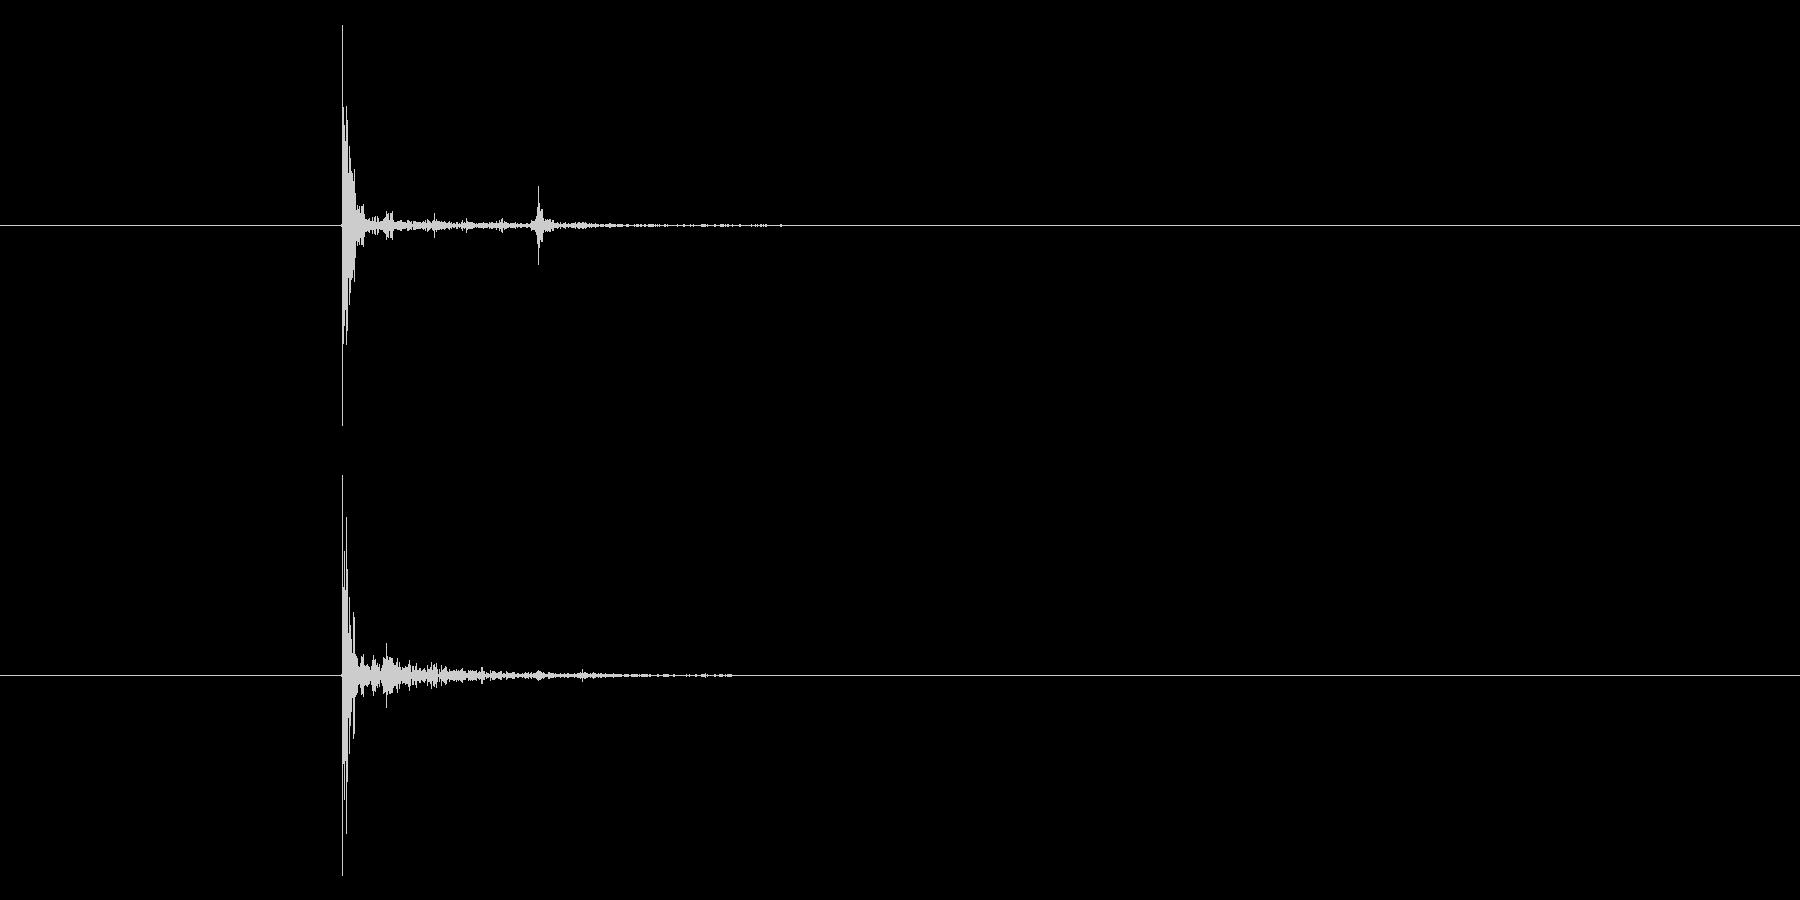 ソフトボールグローブ:キャッチ、ス...の未再生の波形